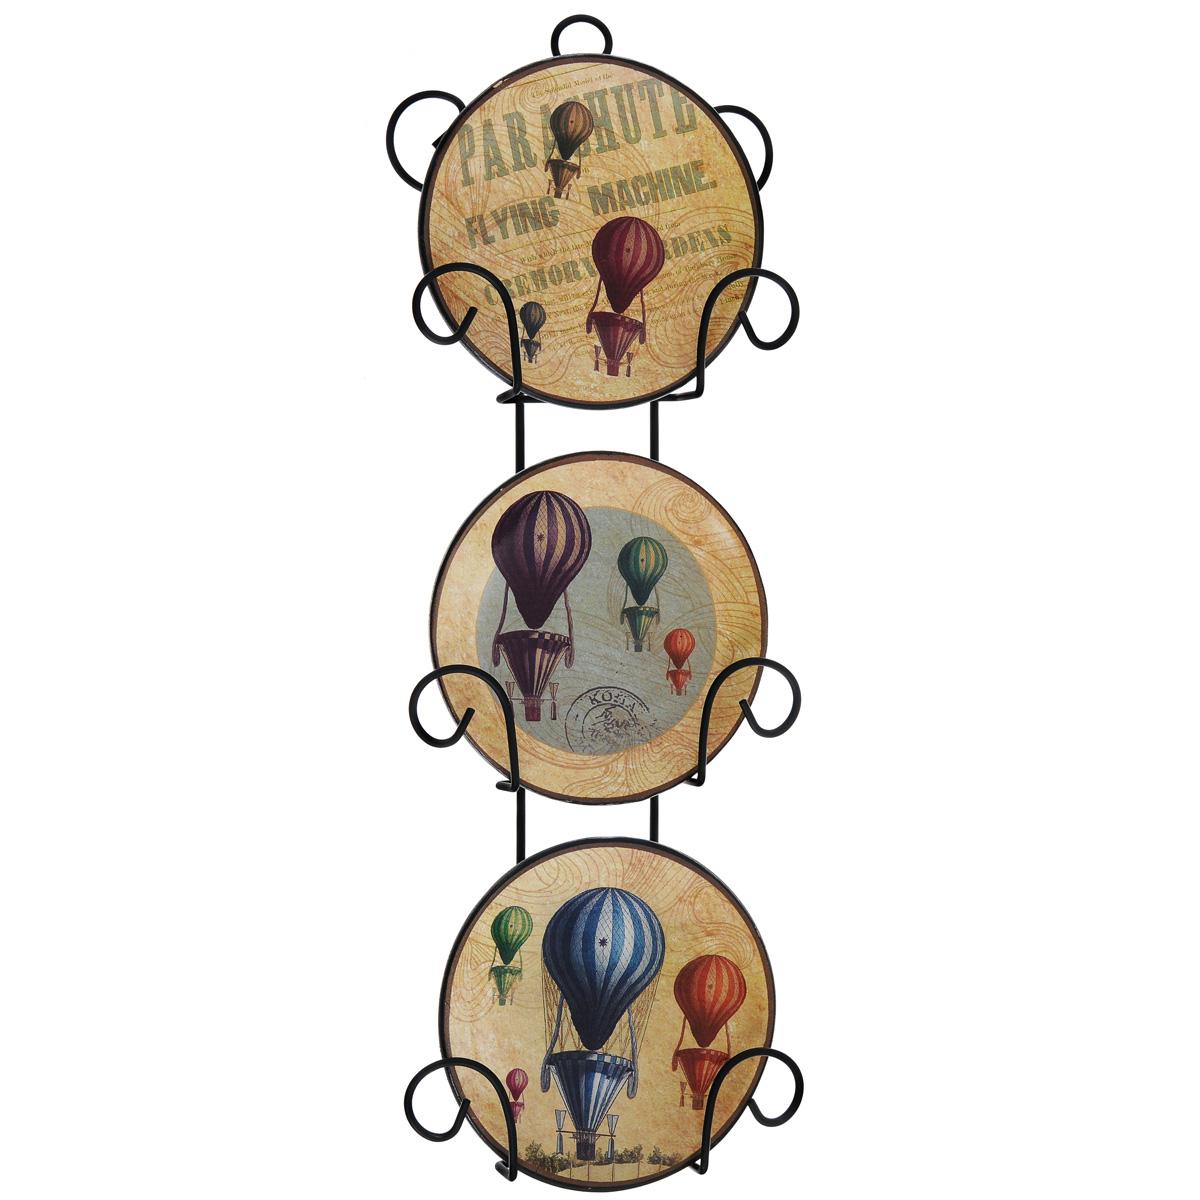 Набор декоративных тарелок Воздушные шары, диаметр 10 см, 3 шт36262Размер тарелки (без подставки): 10 см х 10 см х 1,5 см. Размер сувенира с подставкой: 2,5 см х 11,5 см х 33 см.